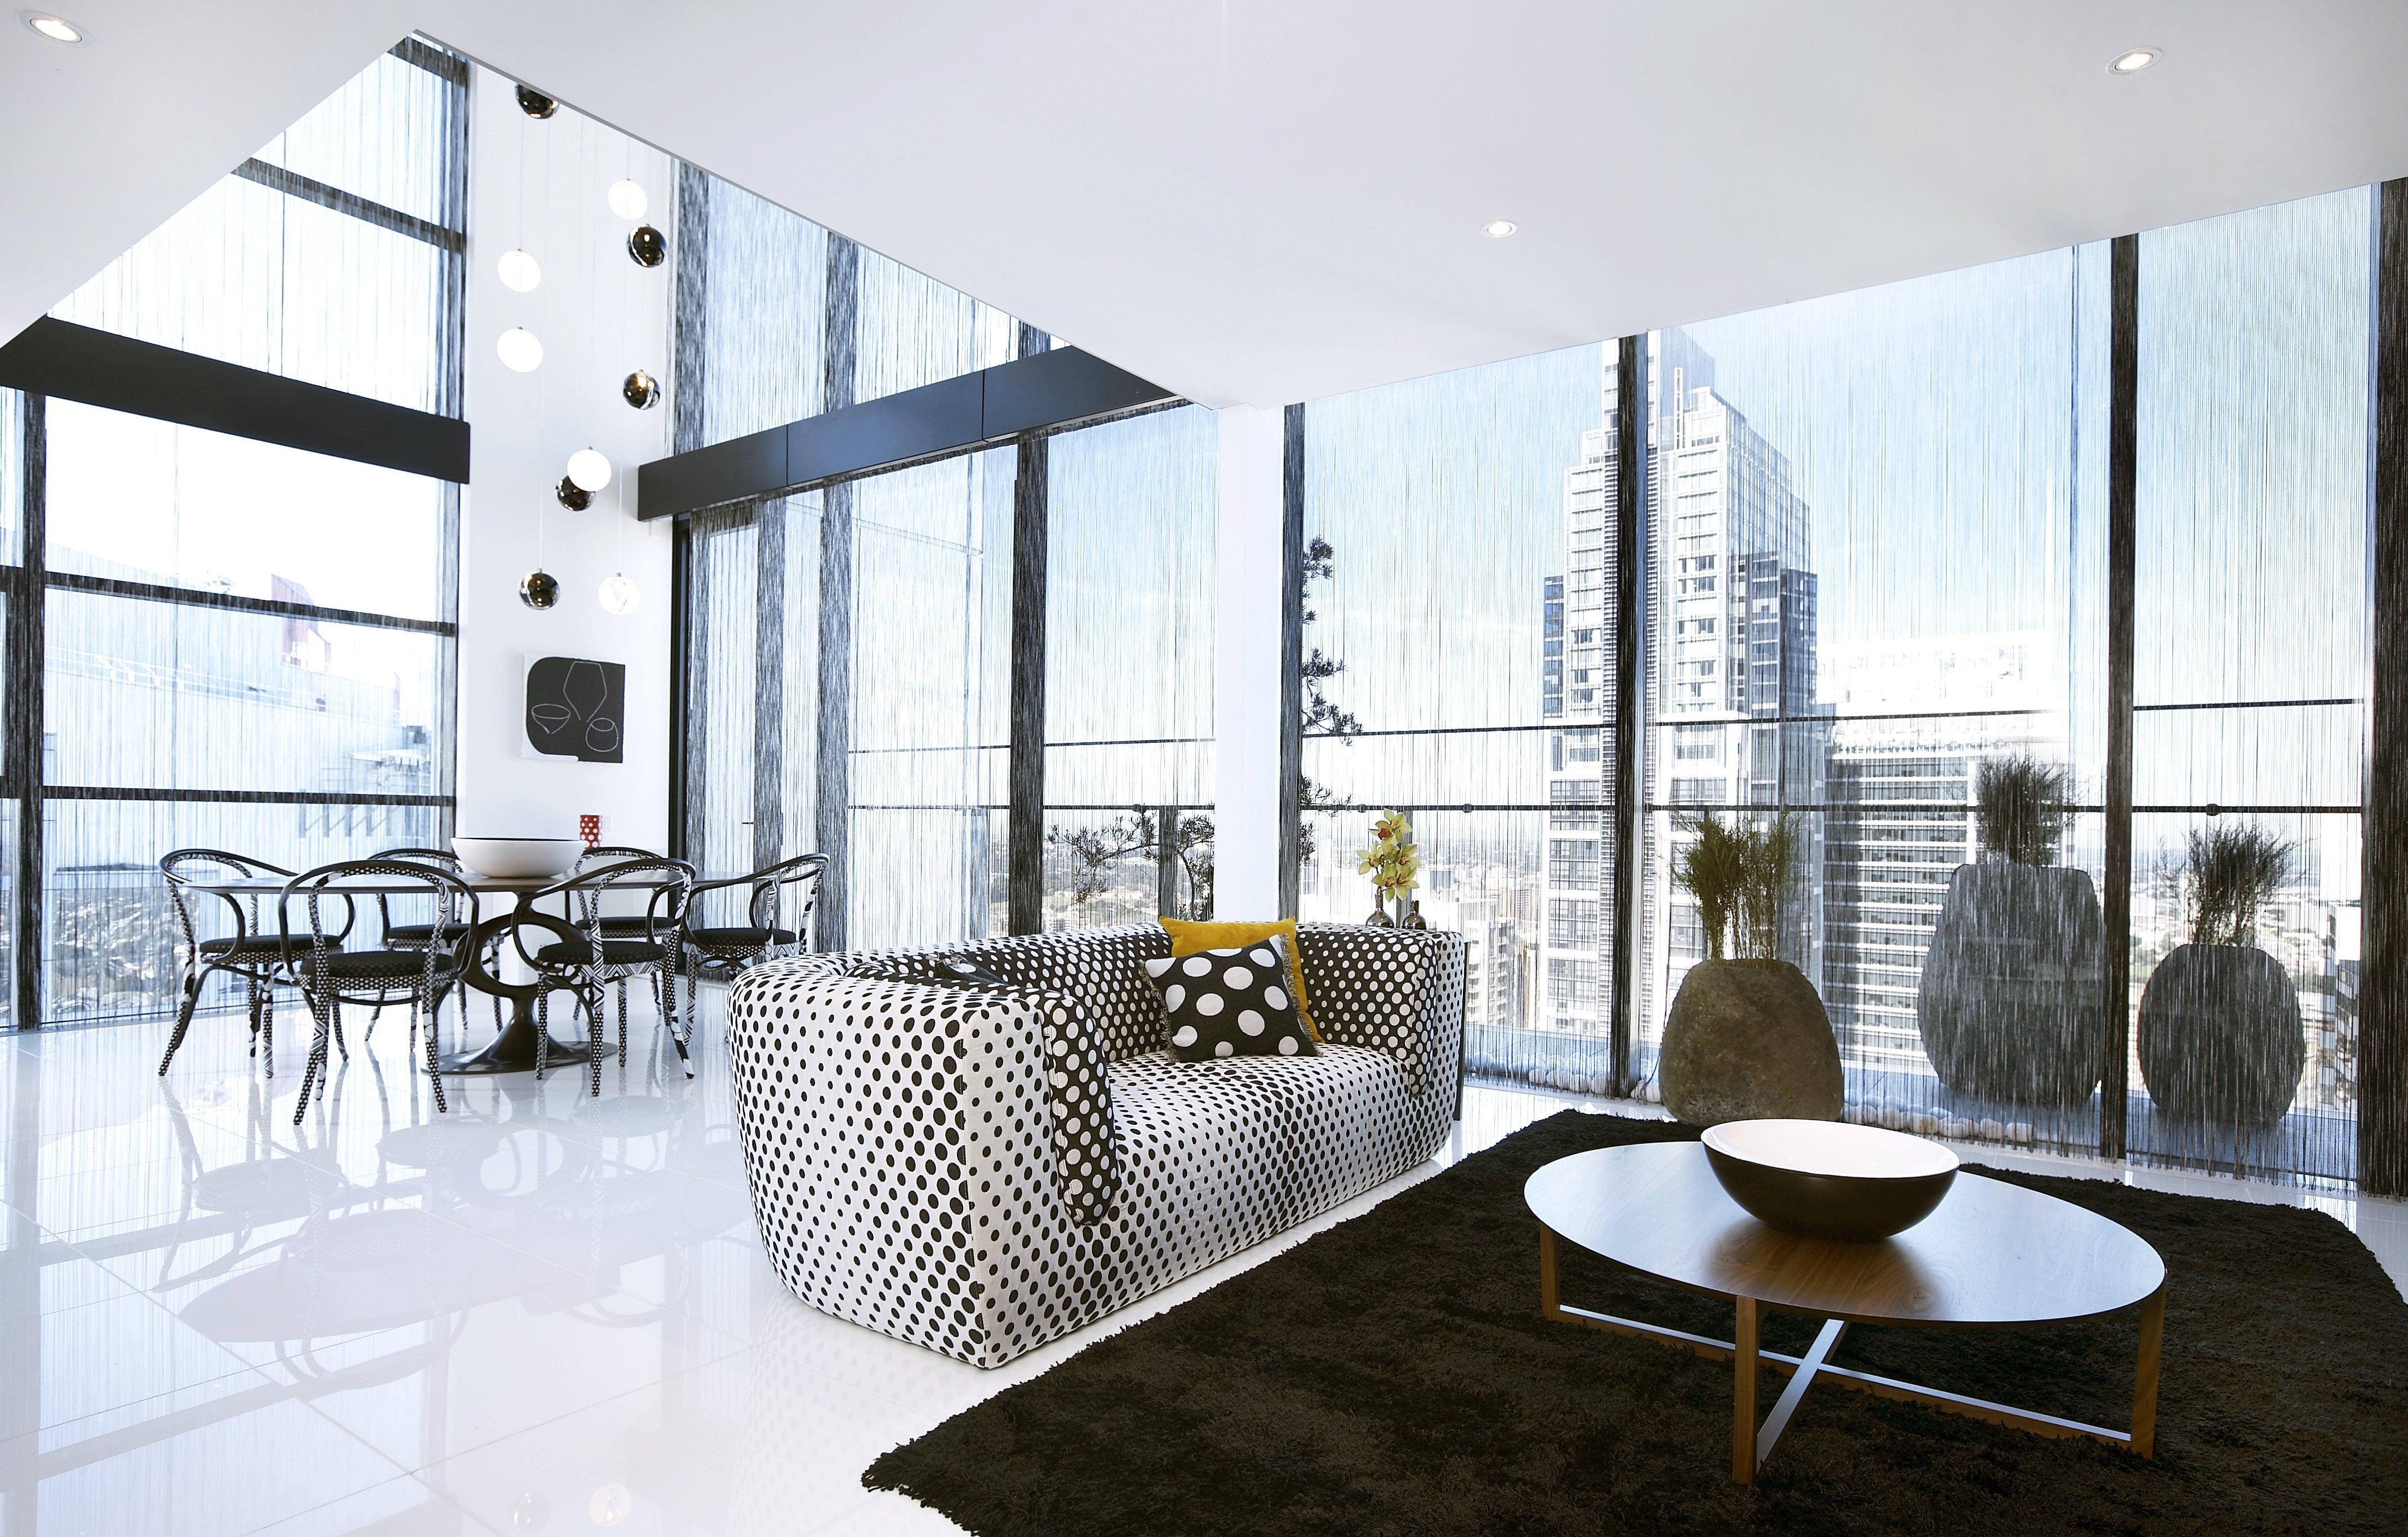 interior design room house home apartment condo 248